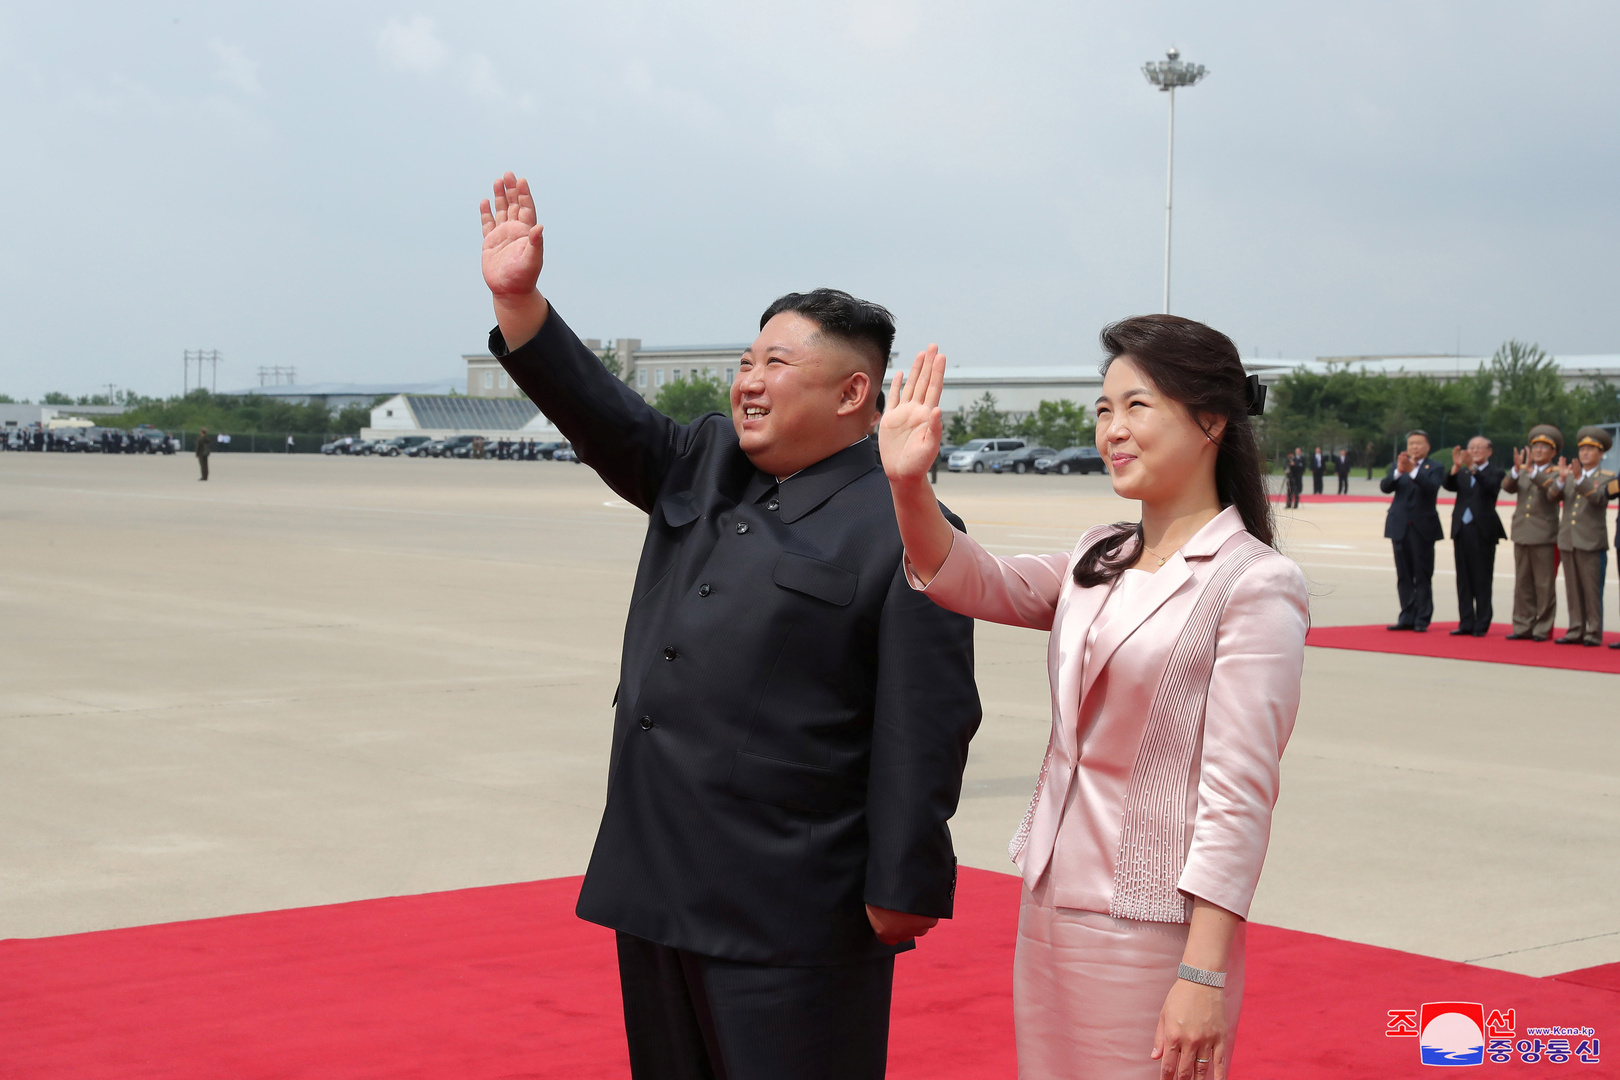 الزعيم الكوري الشمالي كيم جونغ أون مع زوجته ري سول جو (صورة من الأرشيف)